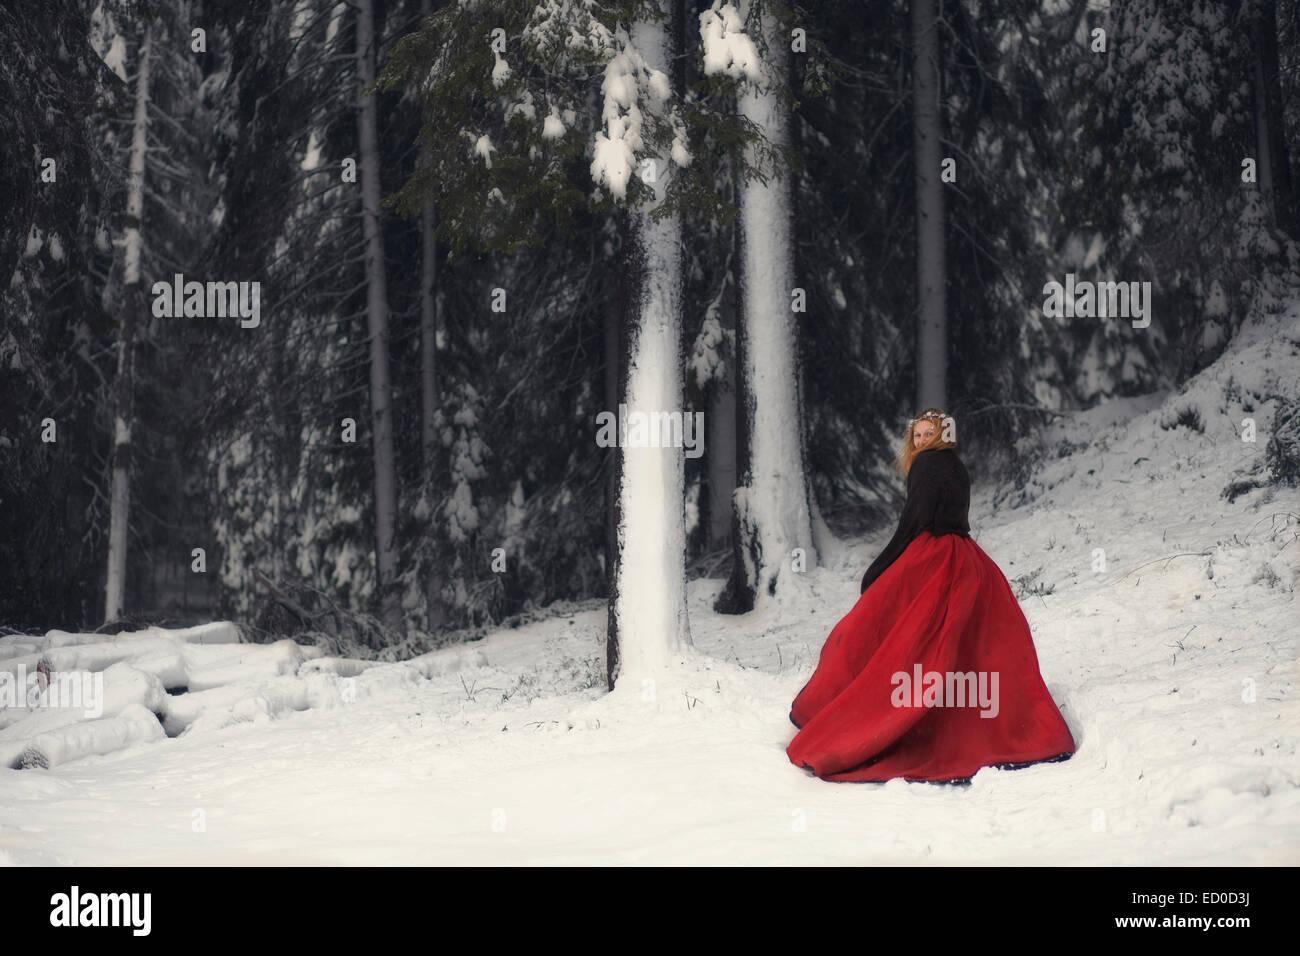 Femme en robe rouge dans la forêt enneigée Banque D'Images